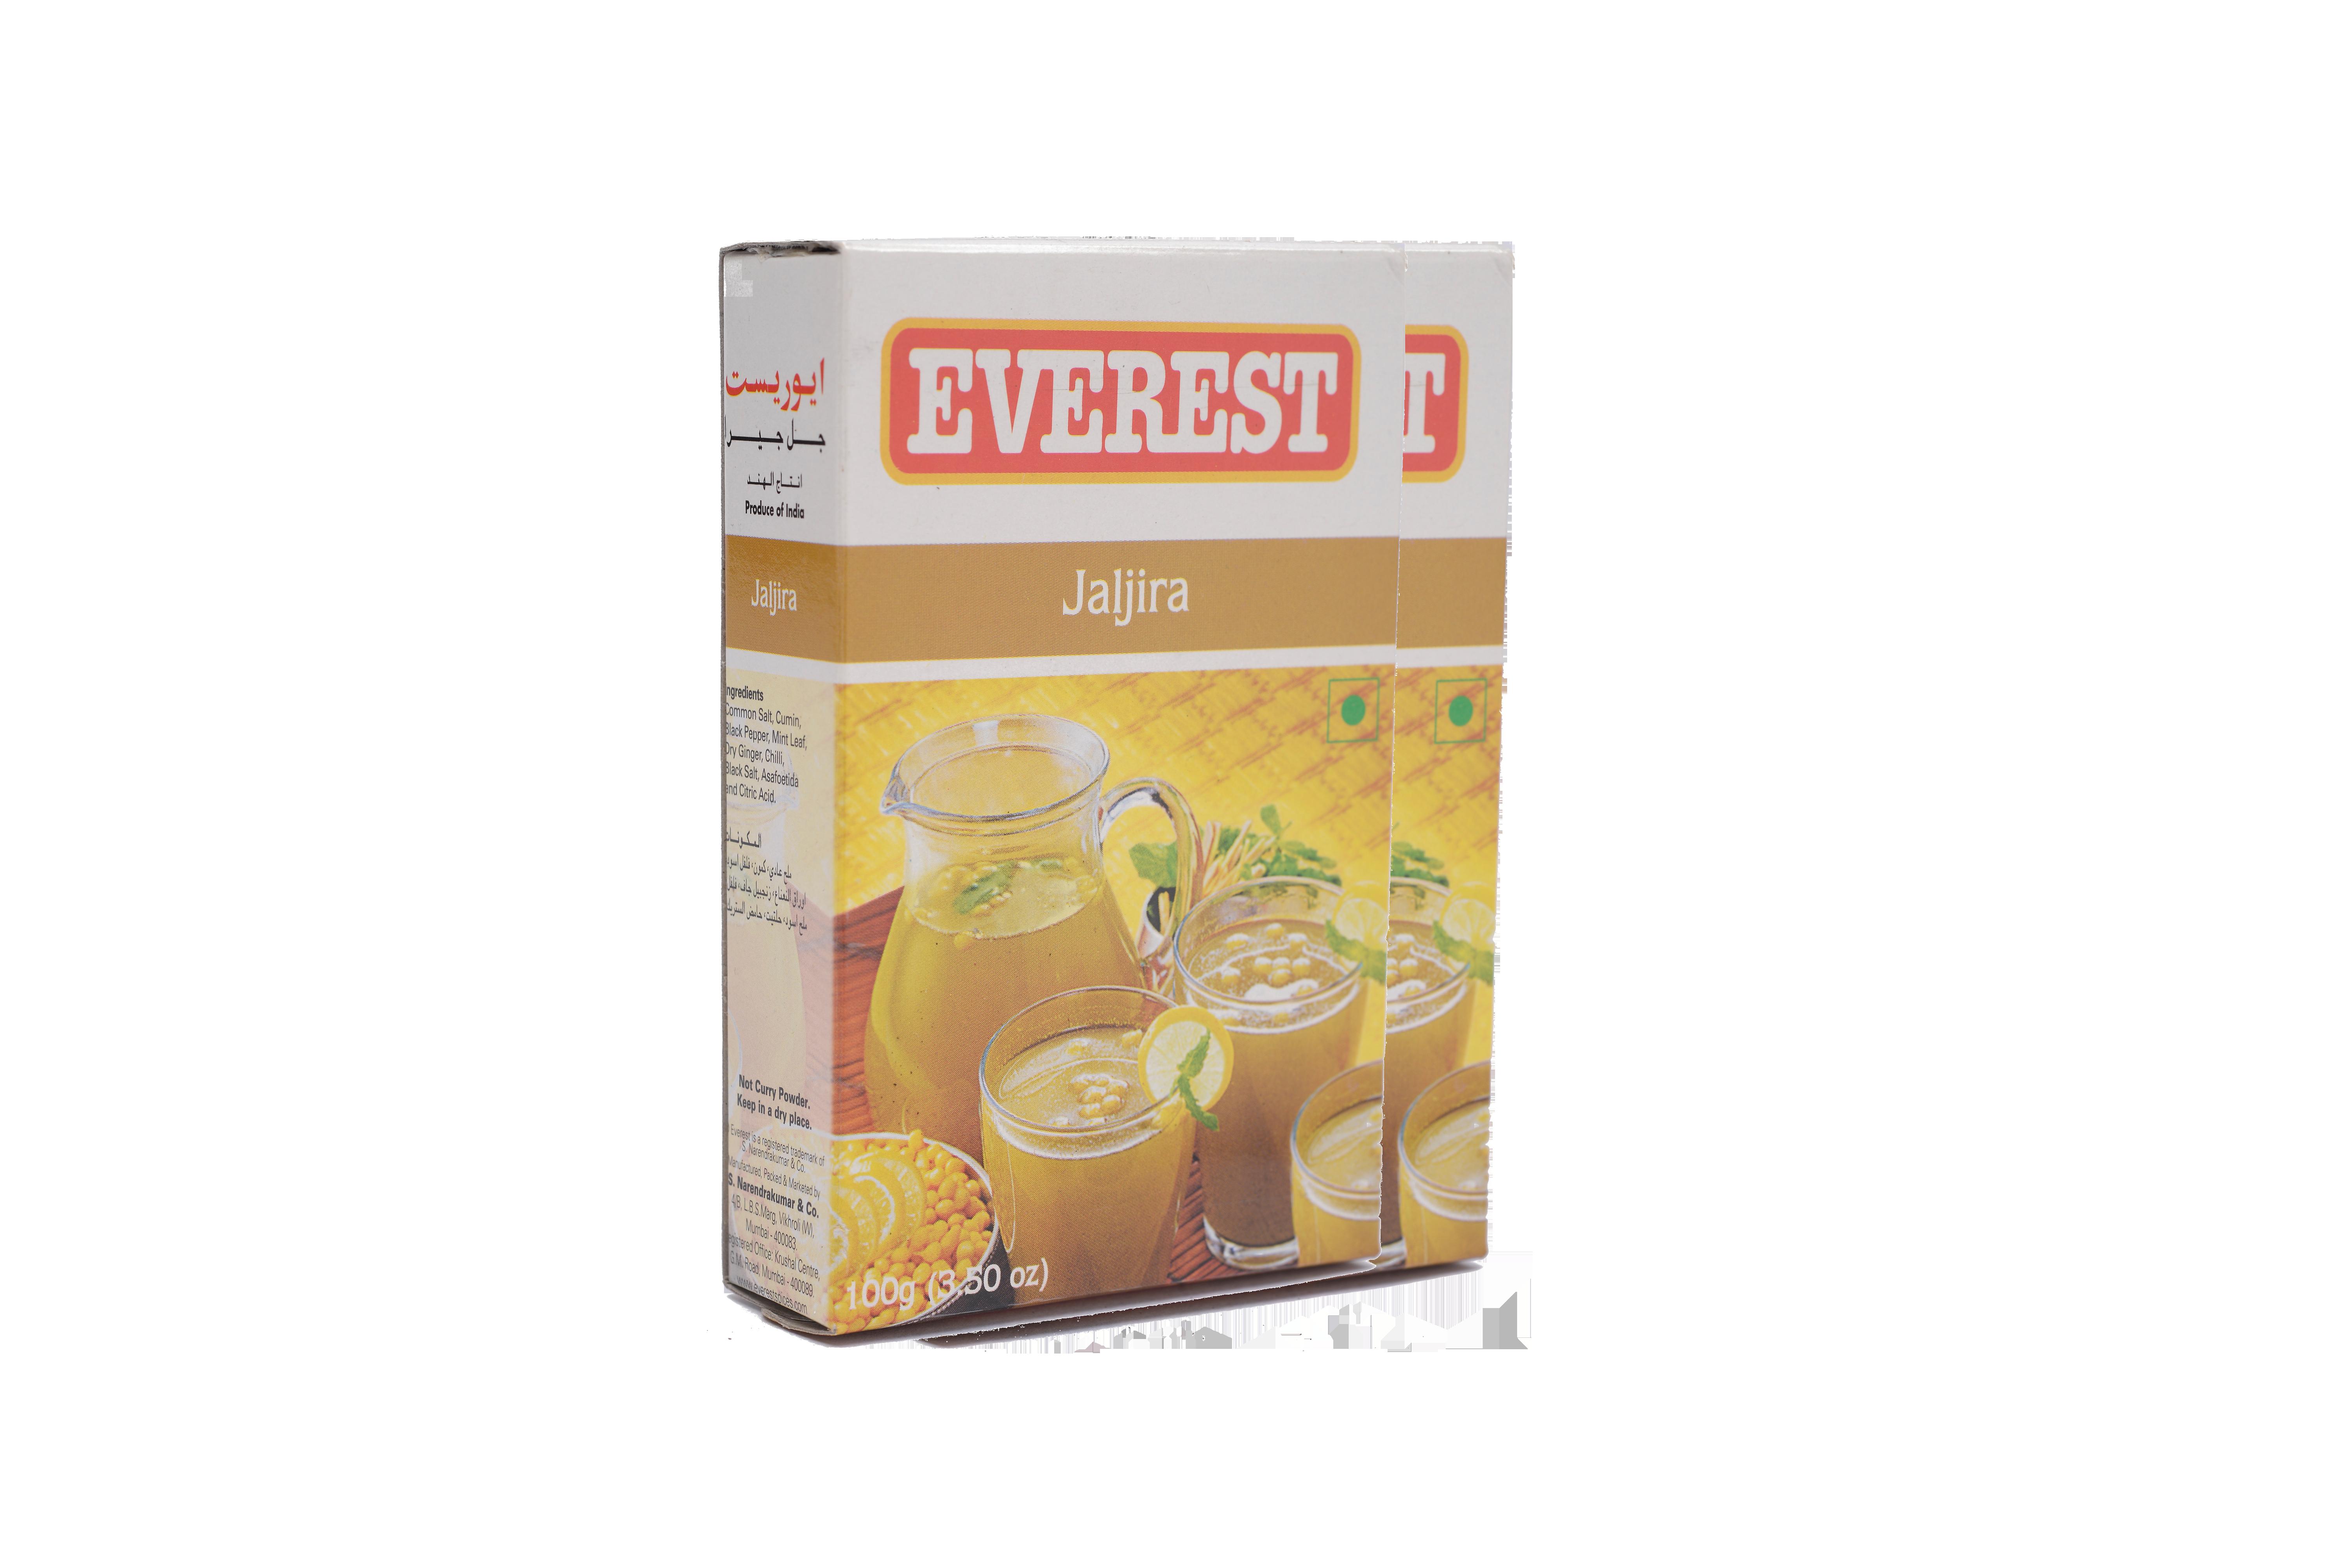 Everist